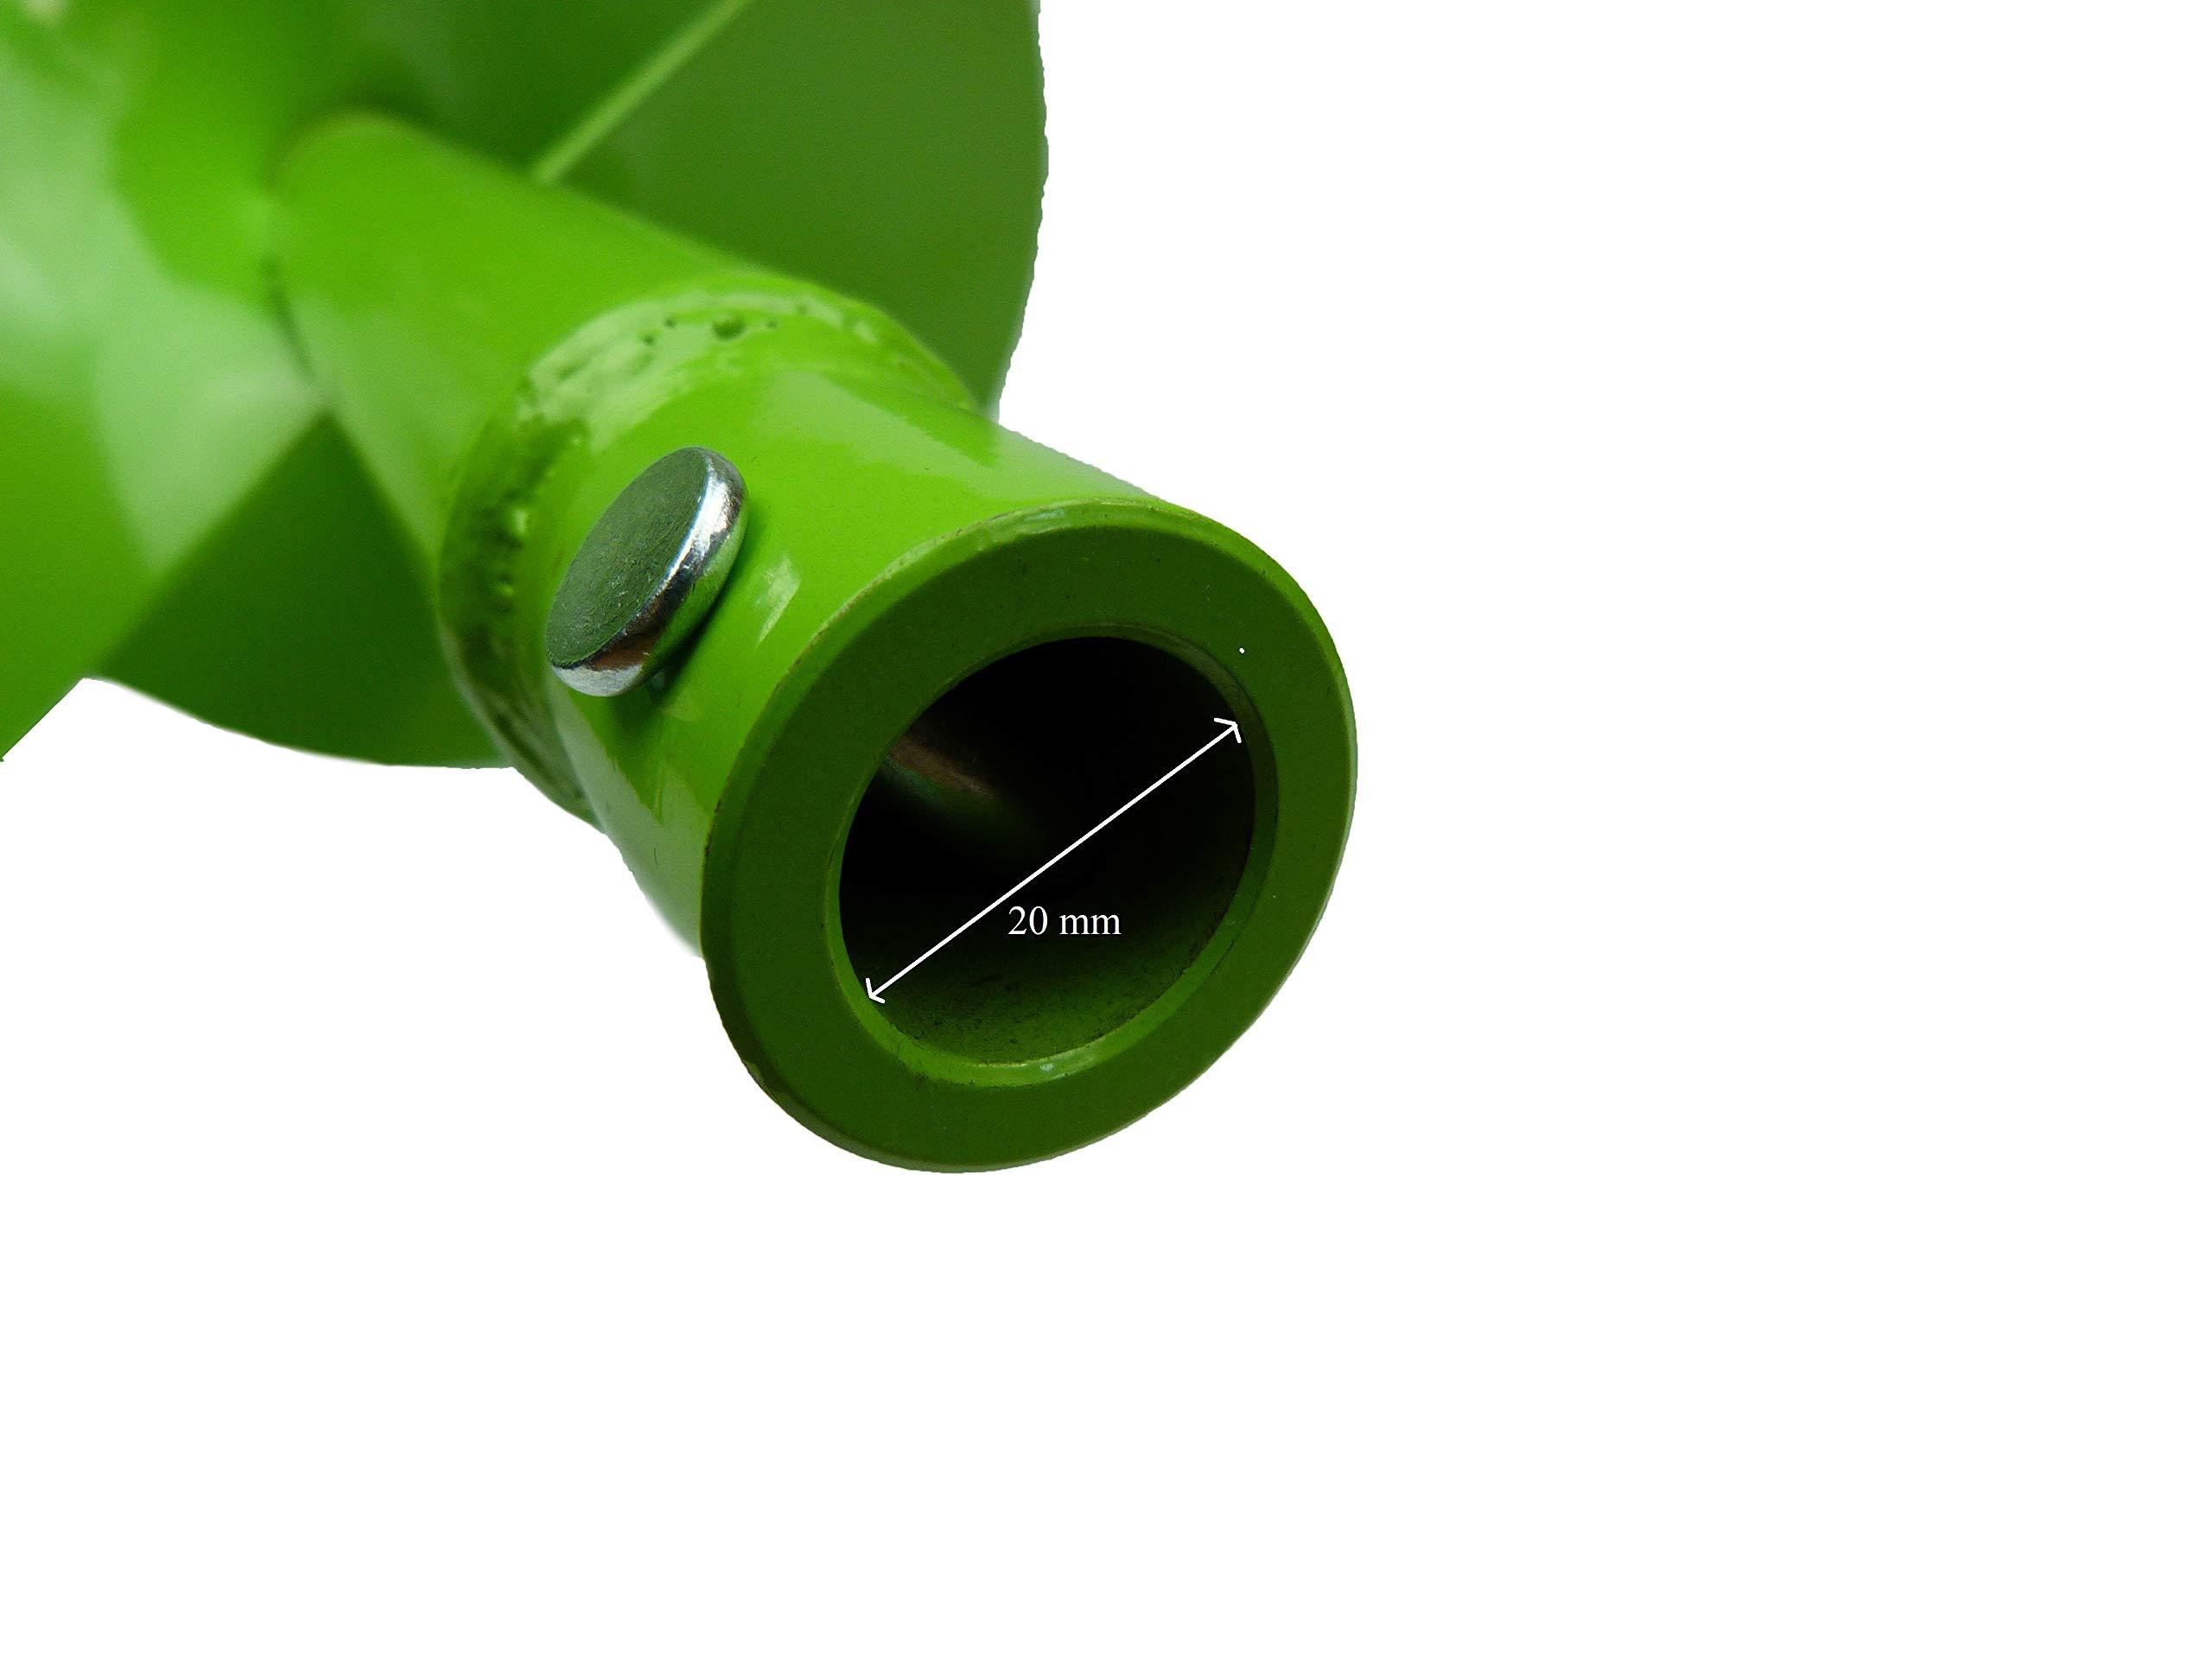 WERHE-Profi-Bohrer-fr-Erdbohrer-60-mm-Pfahlbohrer-Brunnenbohrer-przise-Bohrspitze-Doppelspiral-Hartmetall-eco-Farbe-mit-Hex-Adapter